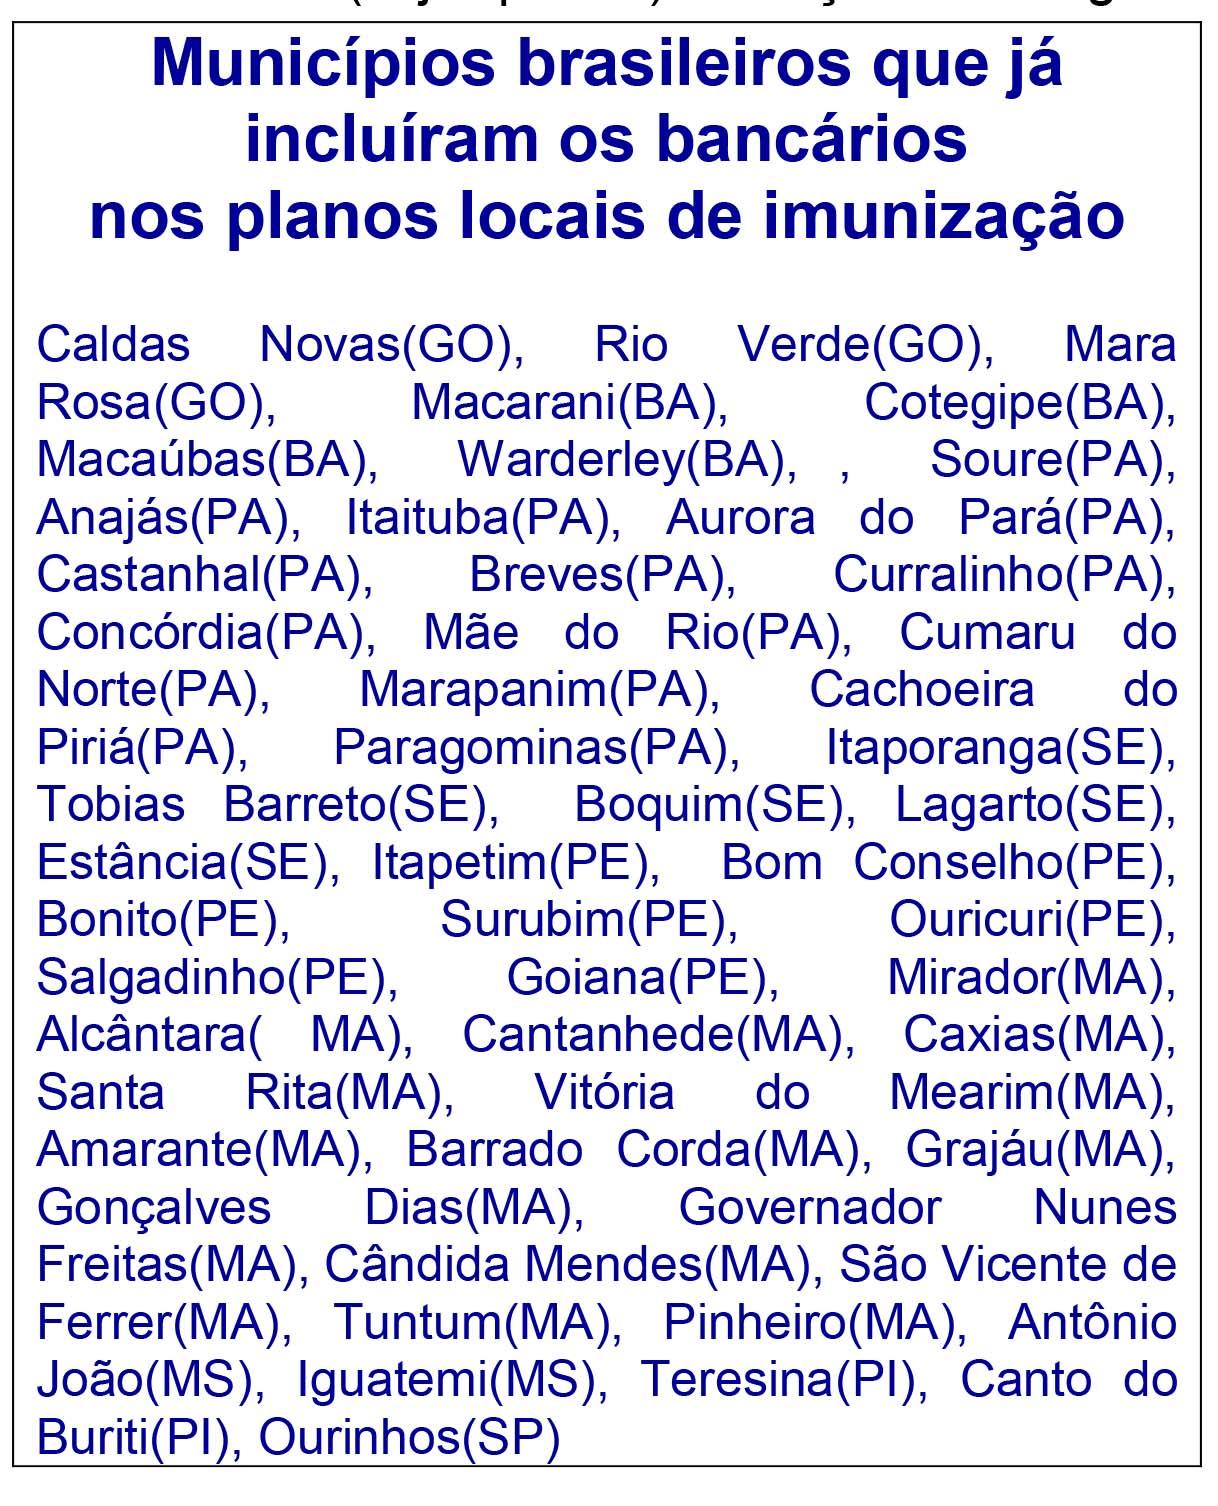 tabela-das-cidades-que-ja-vacinaram-bancarios-161681518.jpg